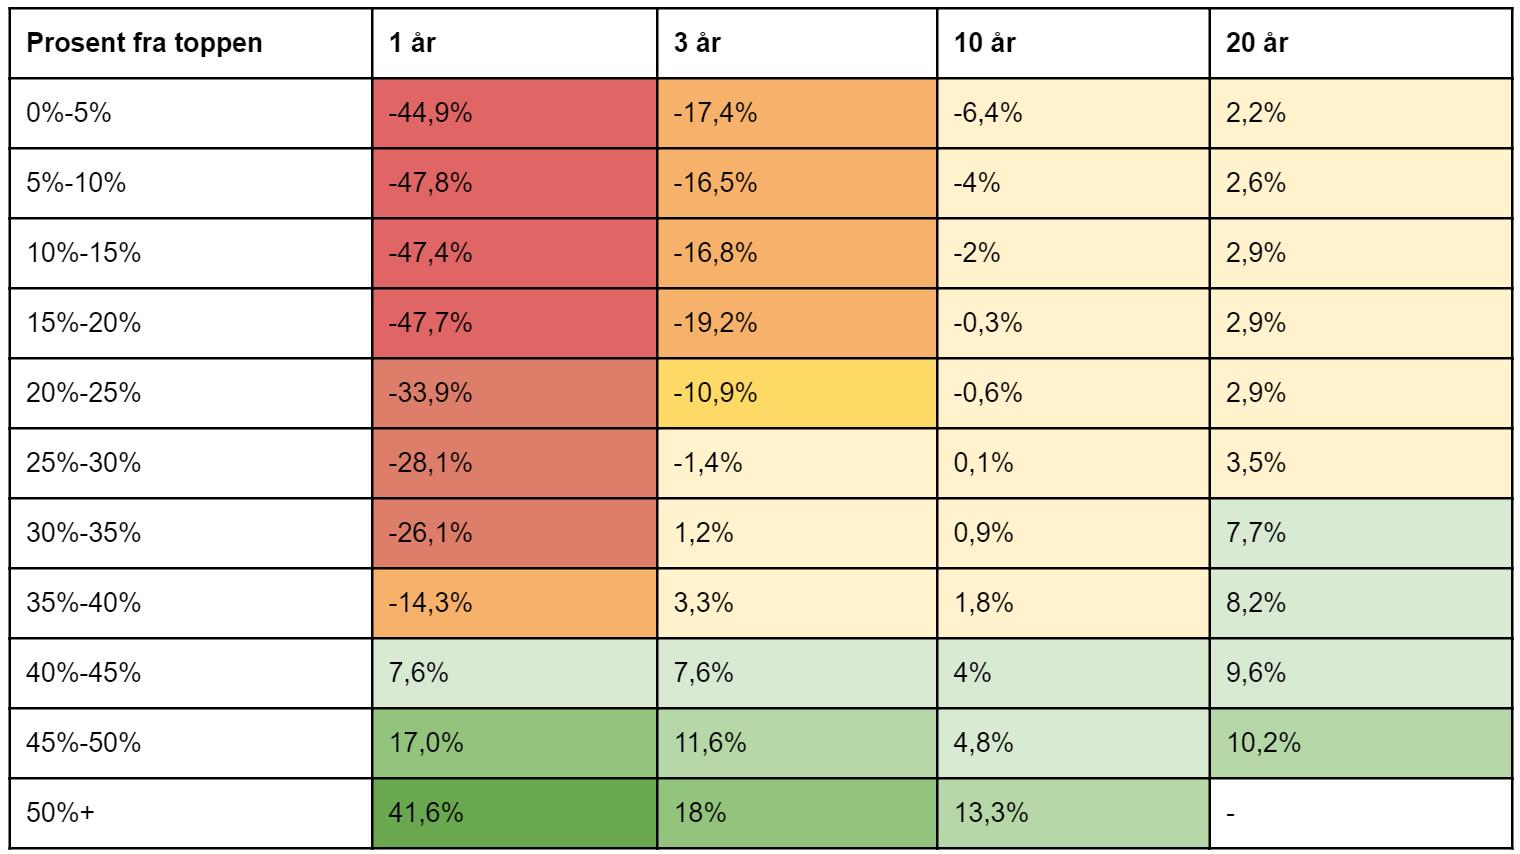 Her ser du den dårligste årlige gjennomsnittlige avkastningen registrert etter fall fra forrige toppnivå, for den amerikanske aksjeindeksen S&P 500. Beregningene er basert på avkastningstall fra 1950 og frem til i dag og er i amerikanske dollar. (kilde: Michael Batnick)